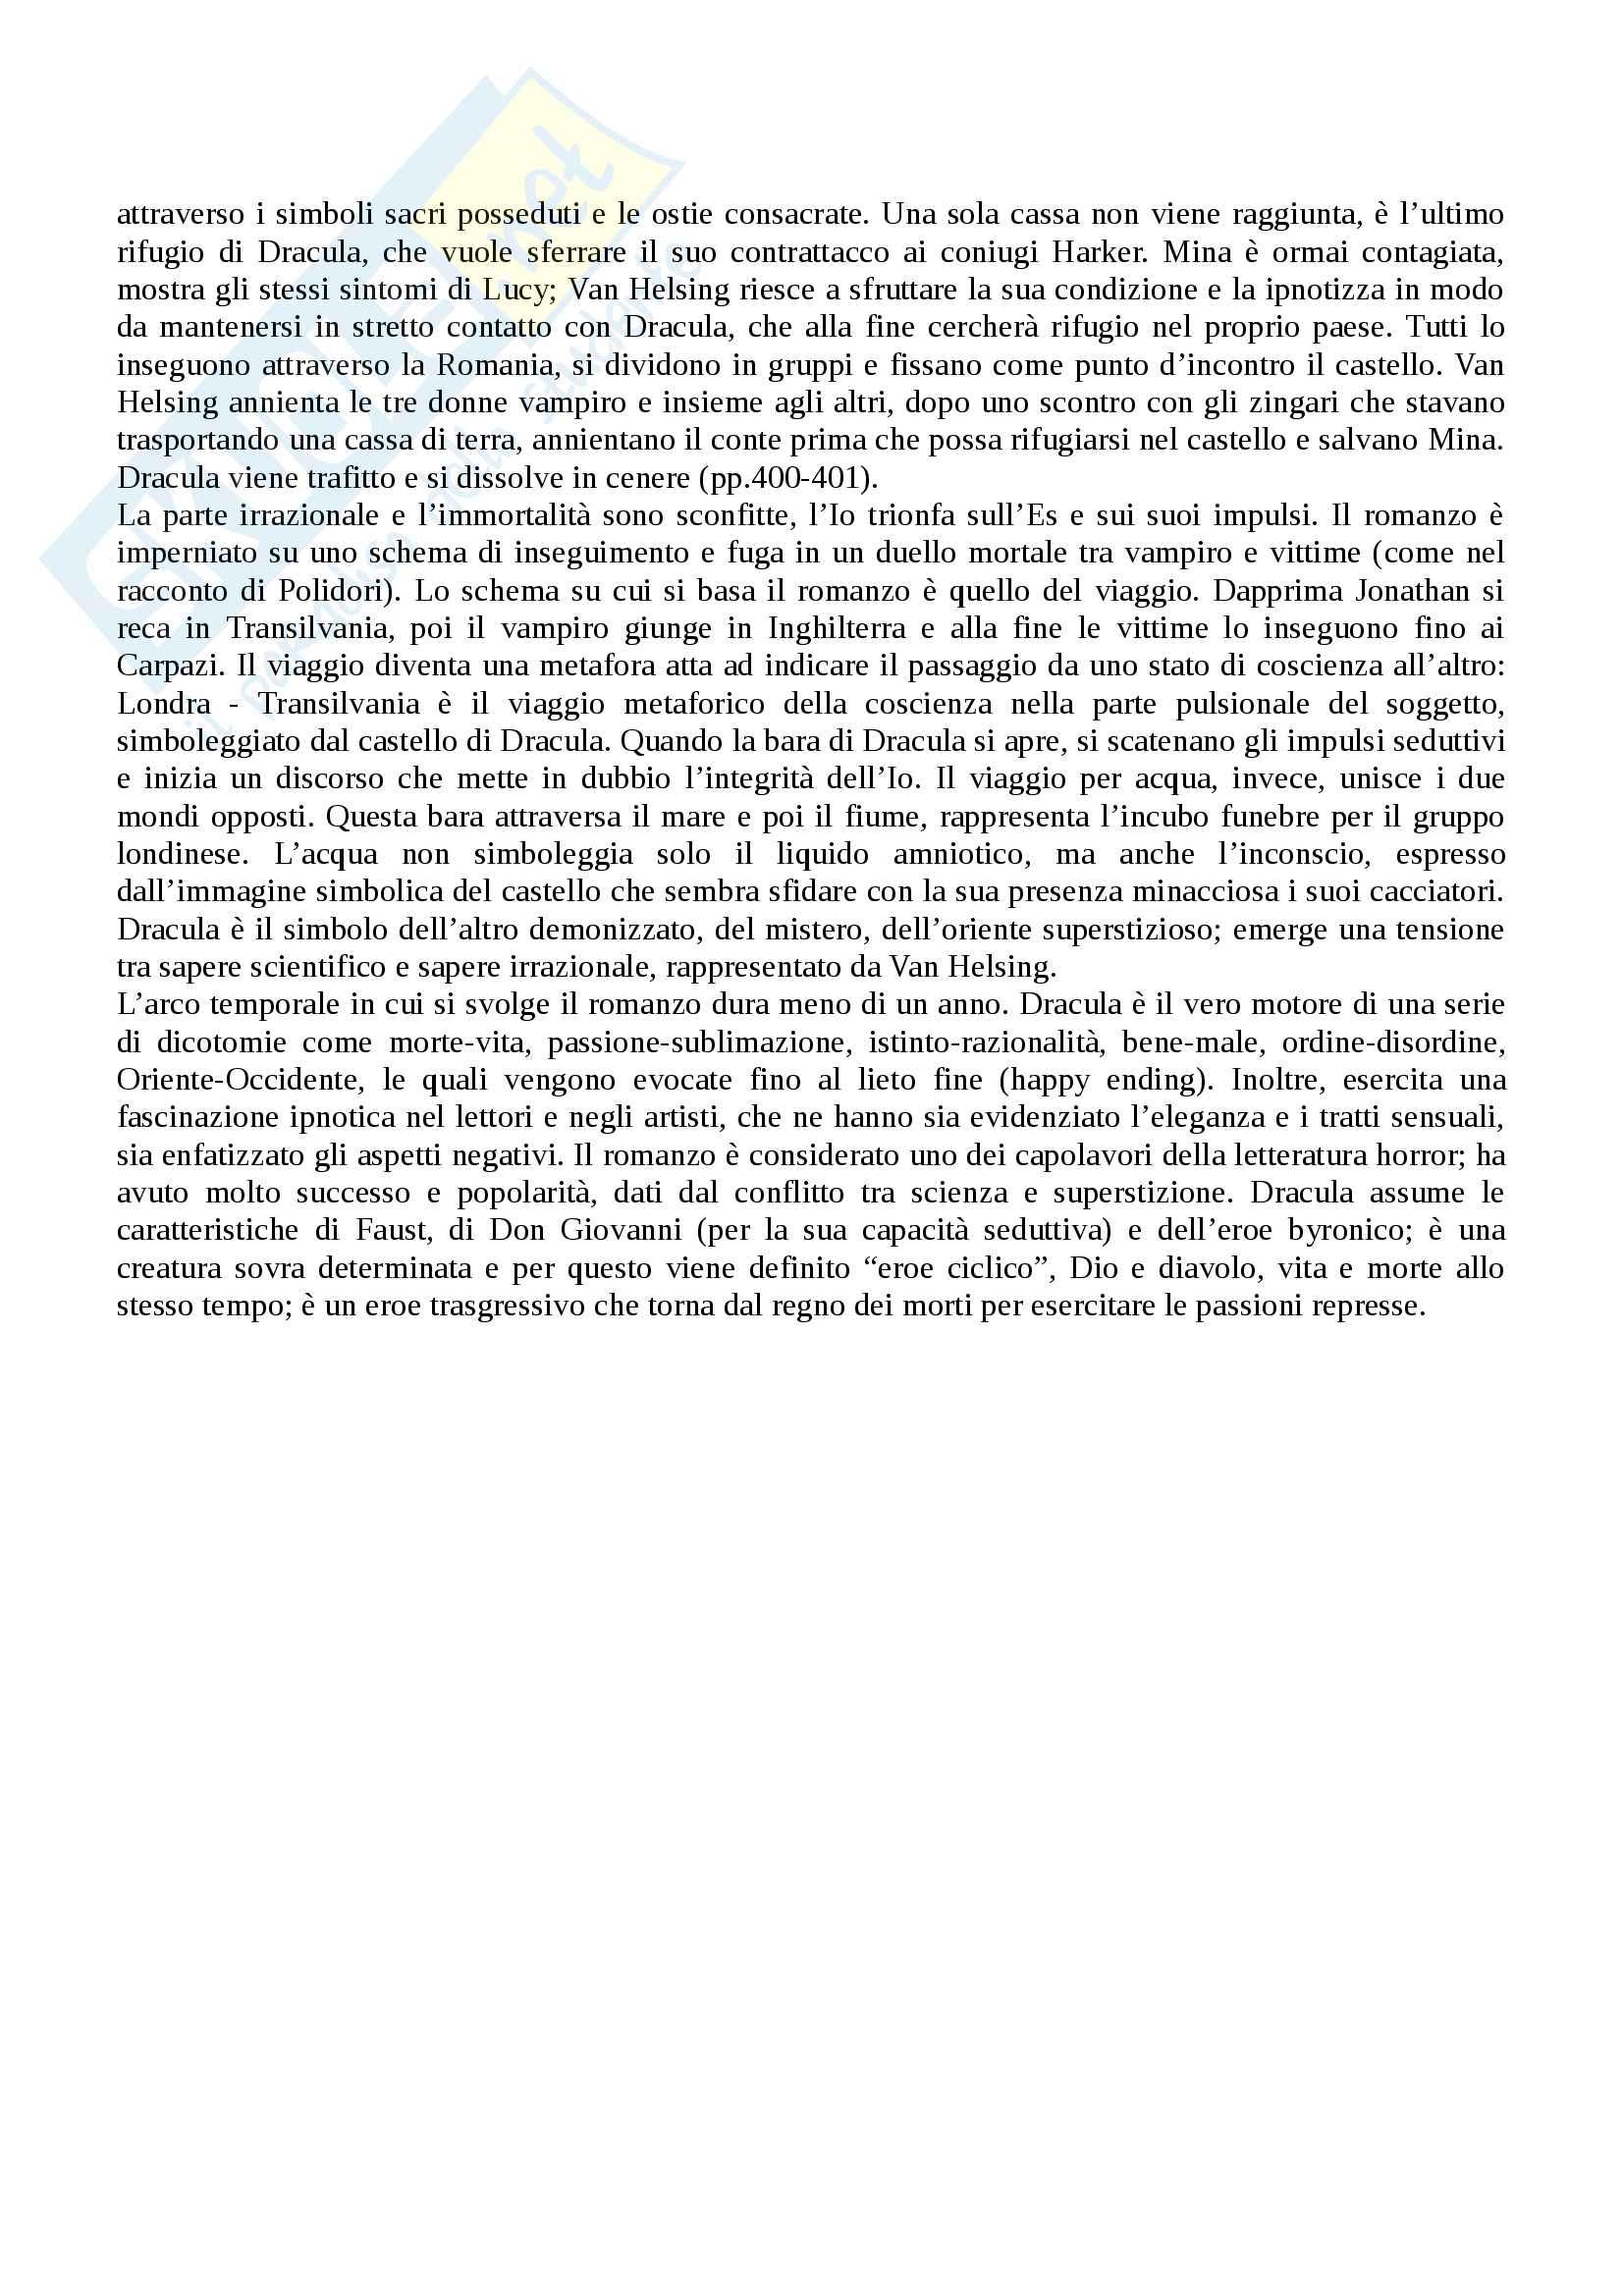 """""""Dracula"""": analisi approfondita del testo e contesto - Letteratura Inglese Pag. 11"""